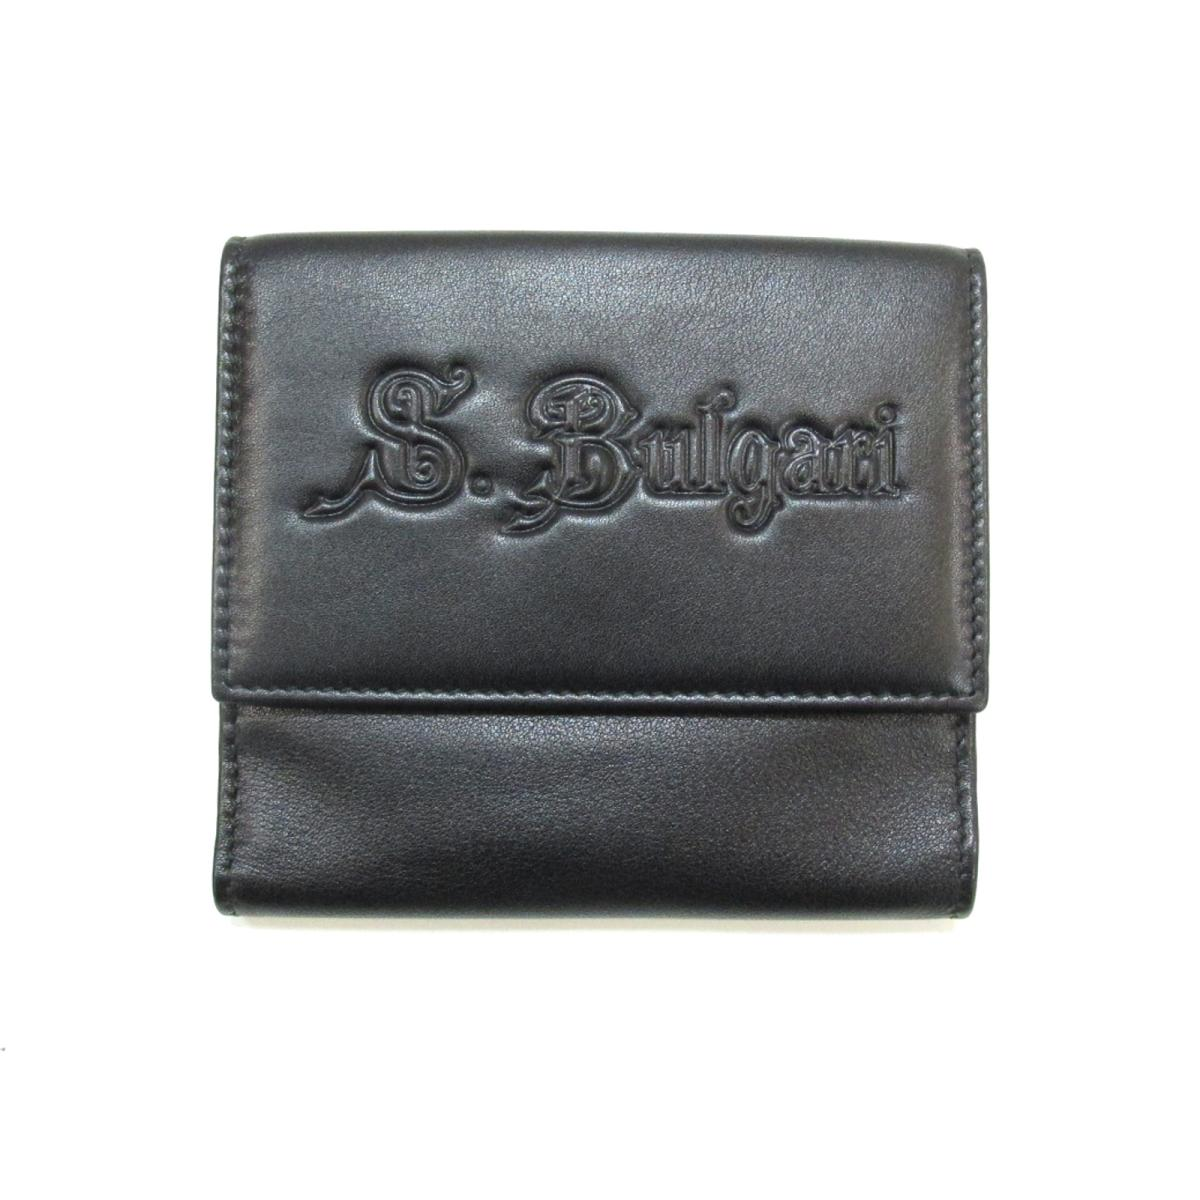 【中古】ブルガリ Wホック財布 二つ折り財布 財布 ユニセックス レザー ブラック